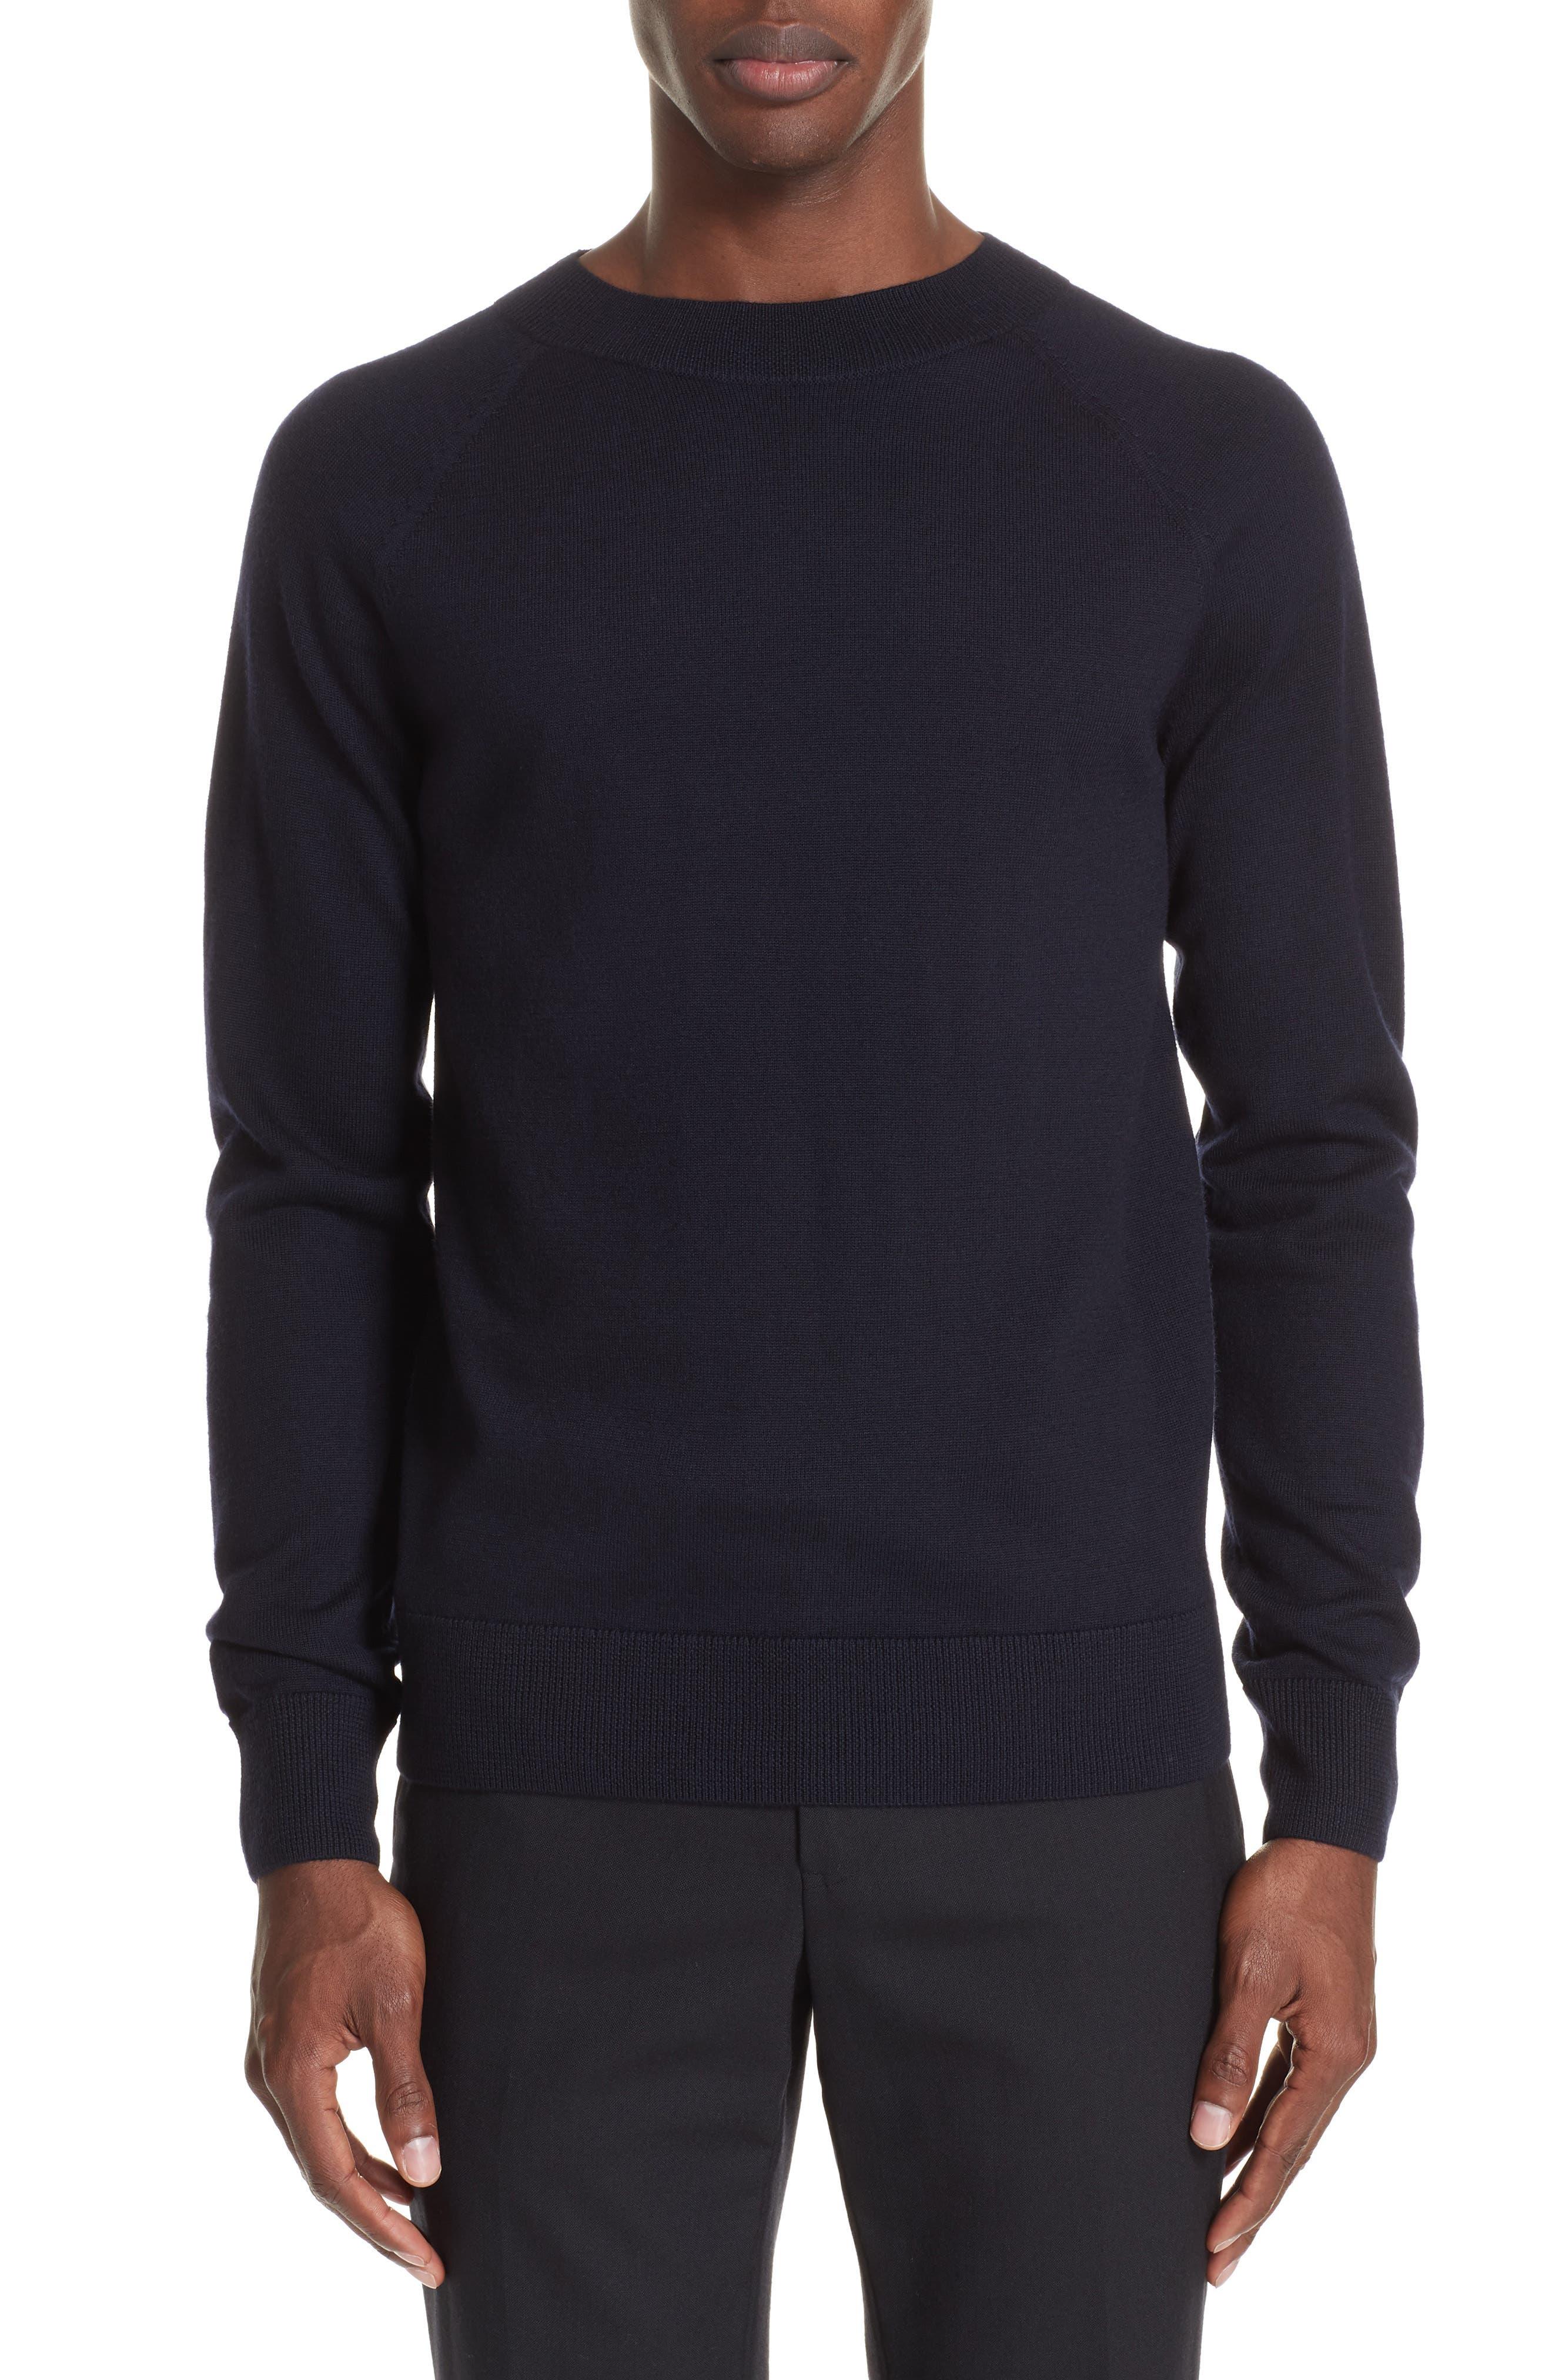 Mimic Raglan Sweater,                         Main,                         color, NAVY